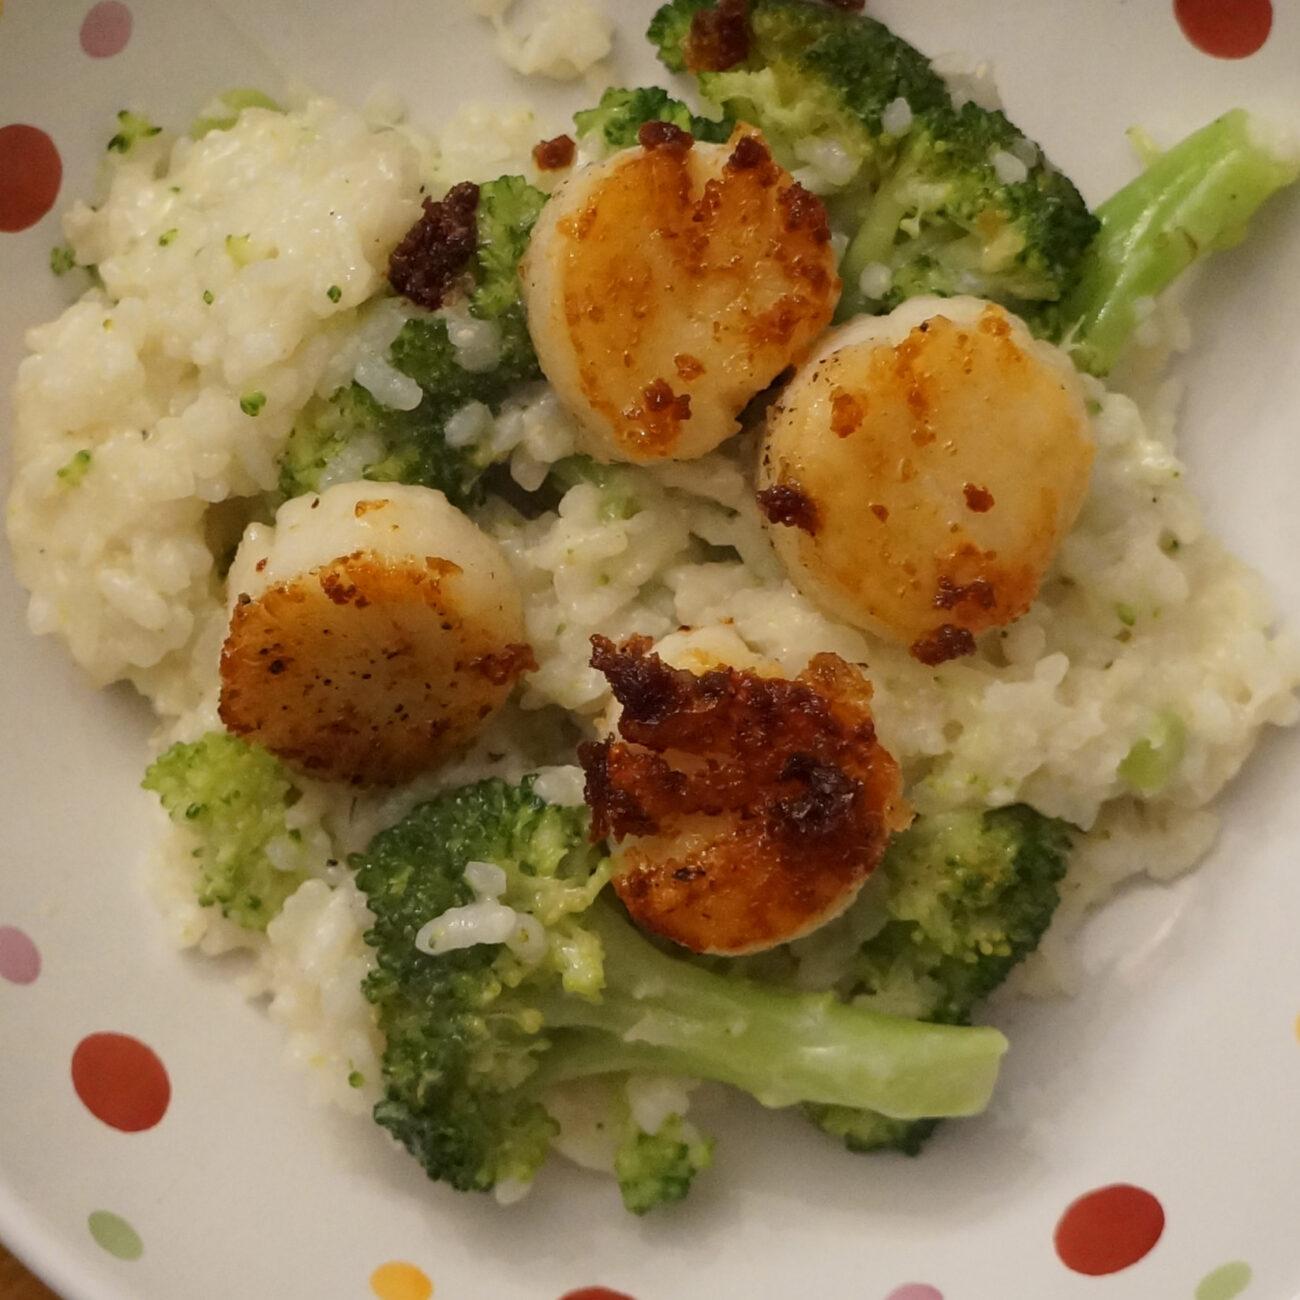 Scallop and Broccoli Risotto